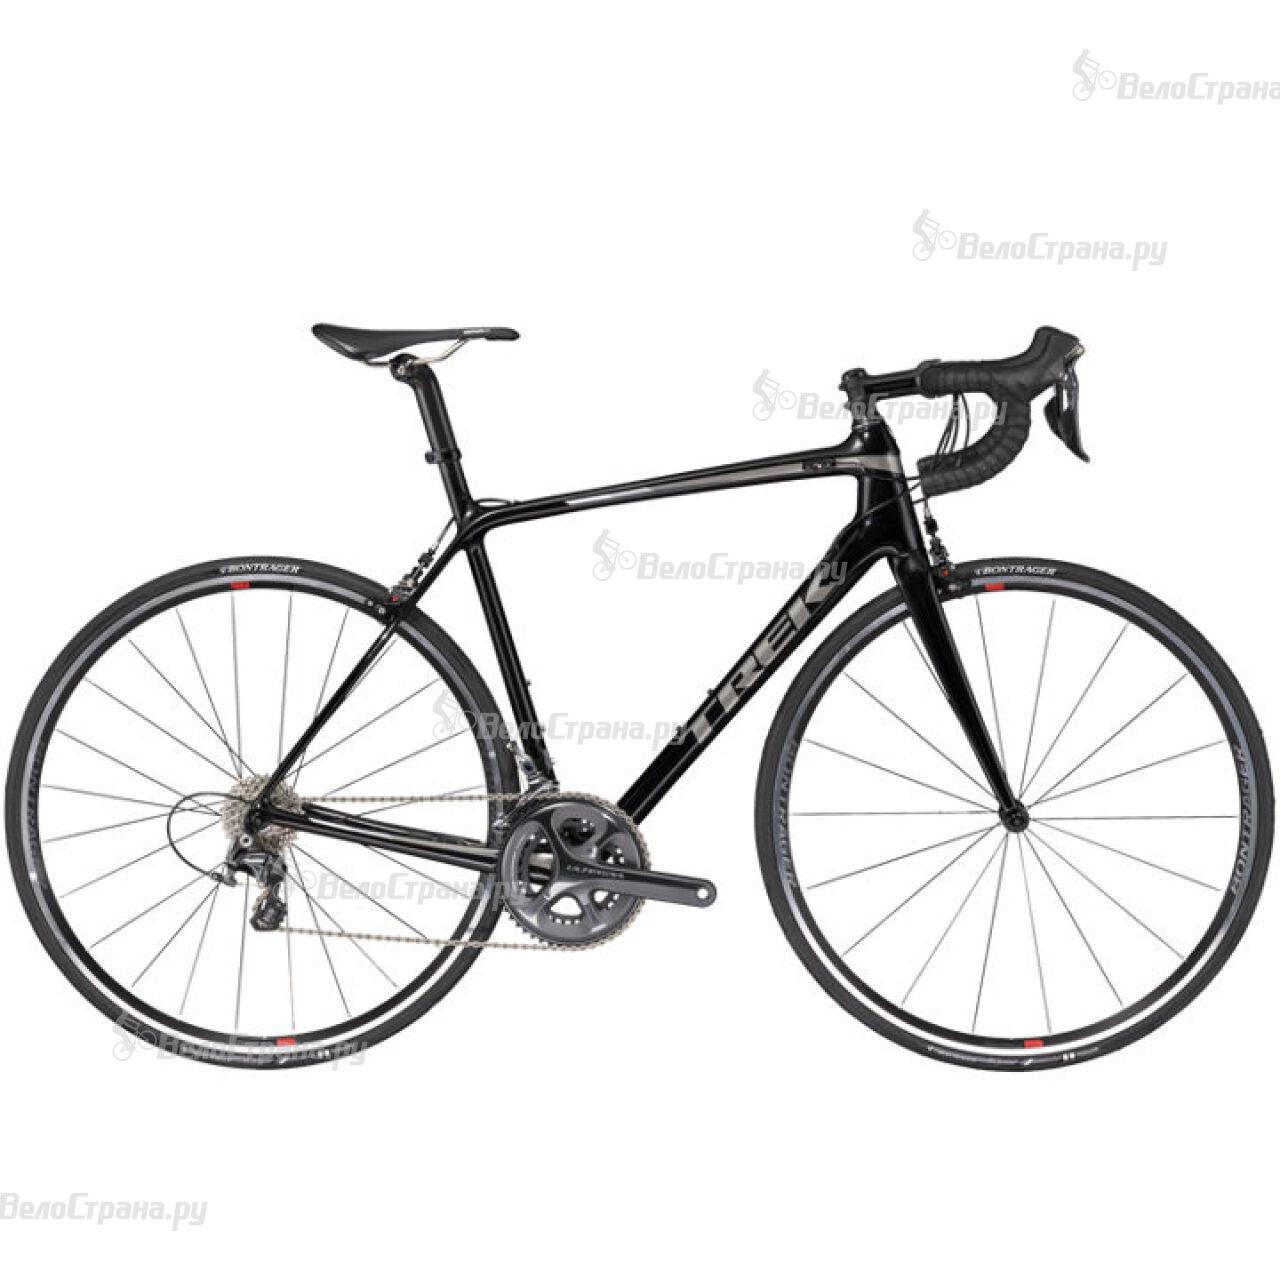 Велосипед Trek Emonda SLR 6 H2 (2017) велосипед trek 1 2 c h2 2013